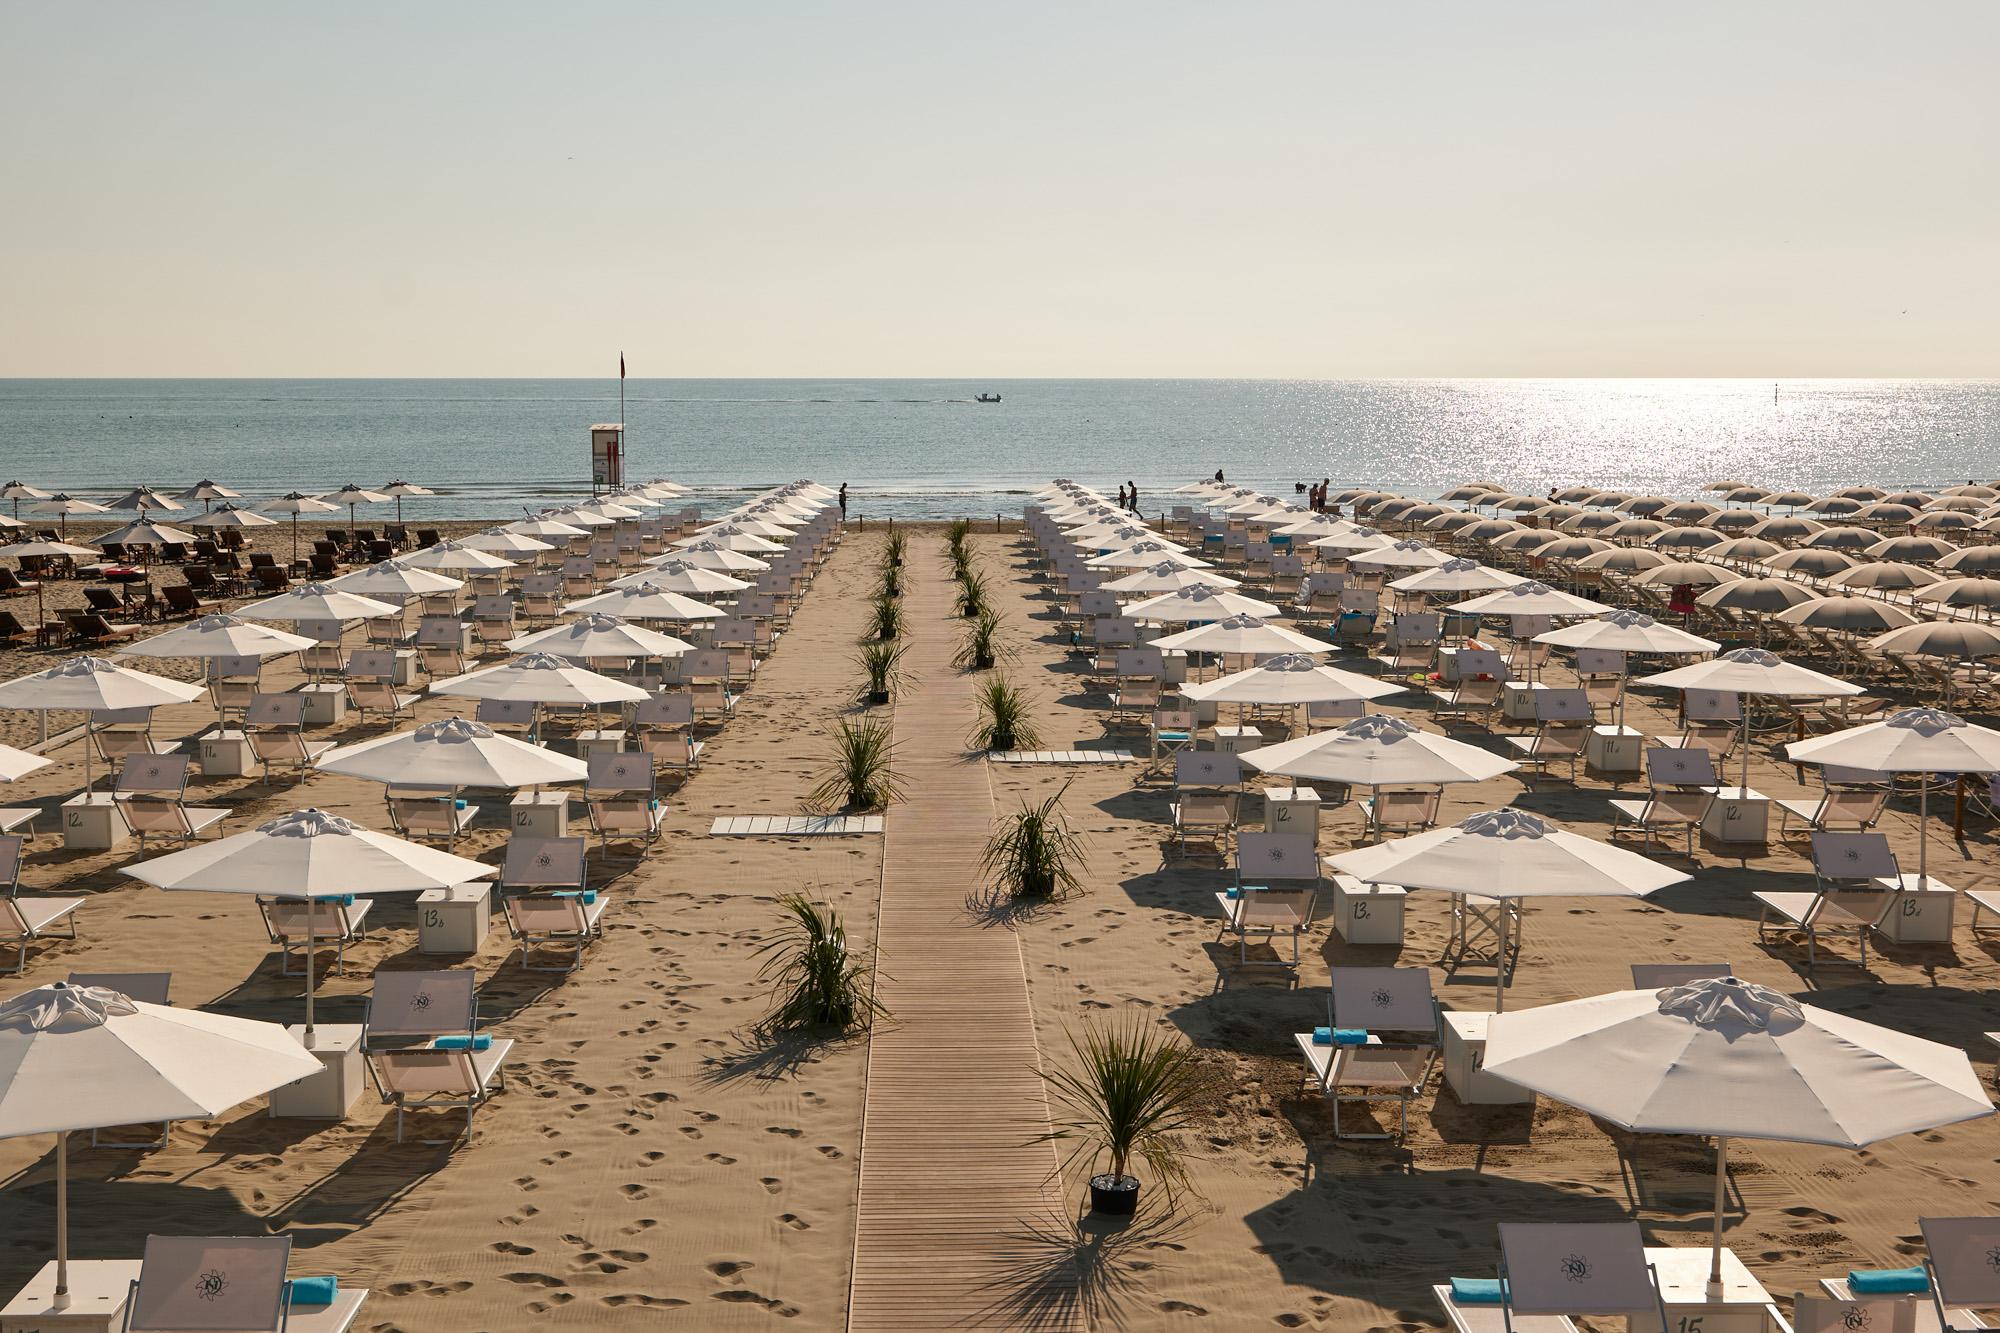 bagno Giuliano 247 spiaggia distanziata sul lungomare di milano marittima e hotel saraceno 4 stelle milano marittima bagno con parcheggio privato